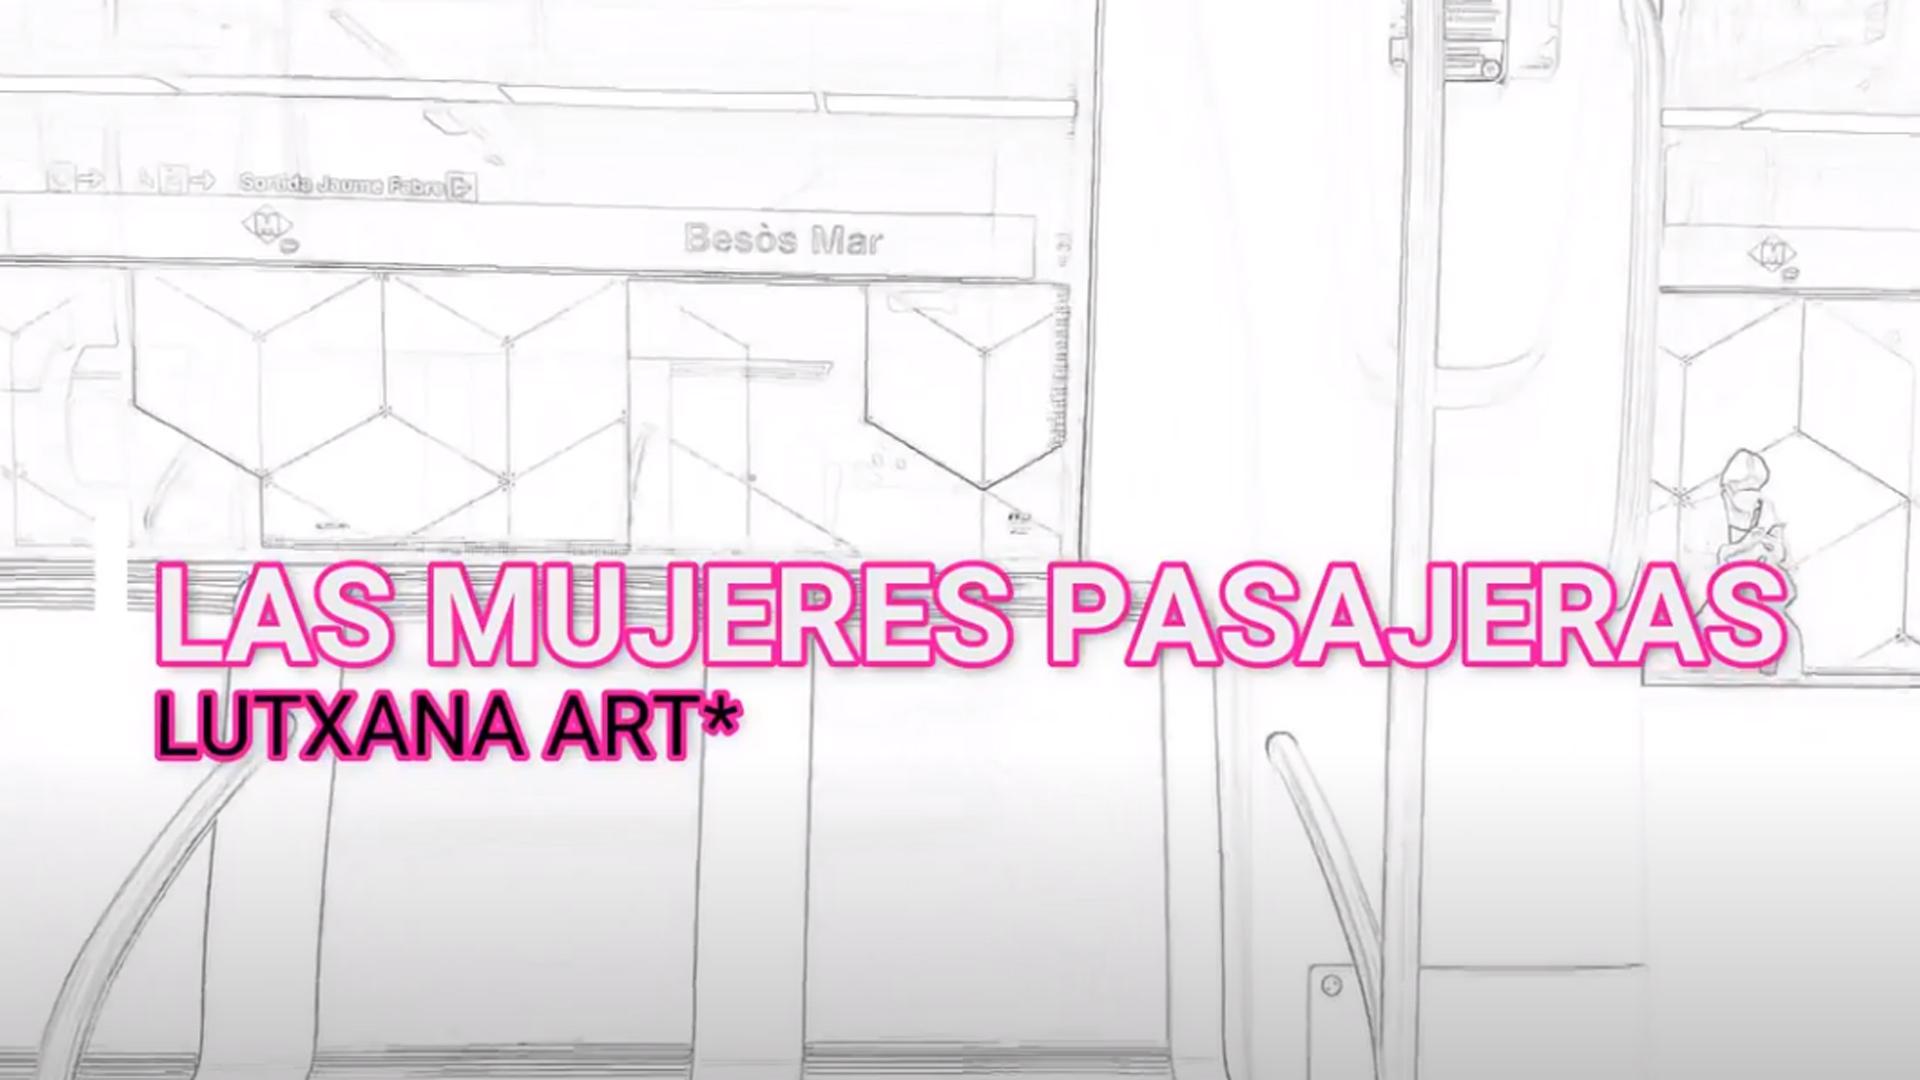 LAS MUJERES PASAJERAS LUTXANA ART